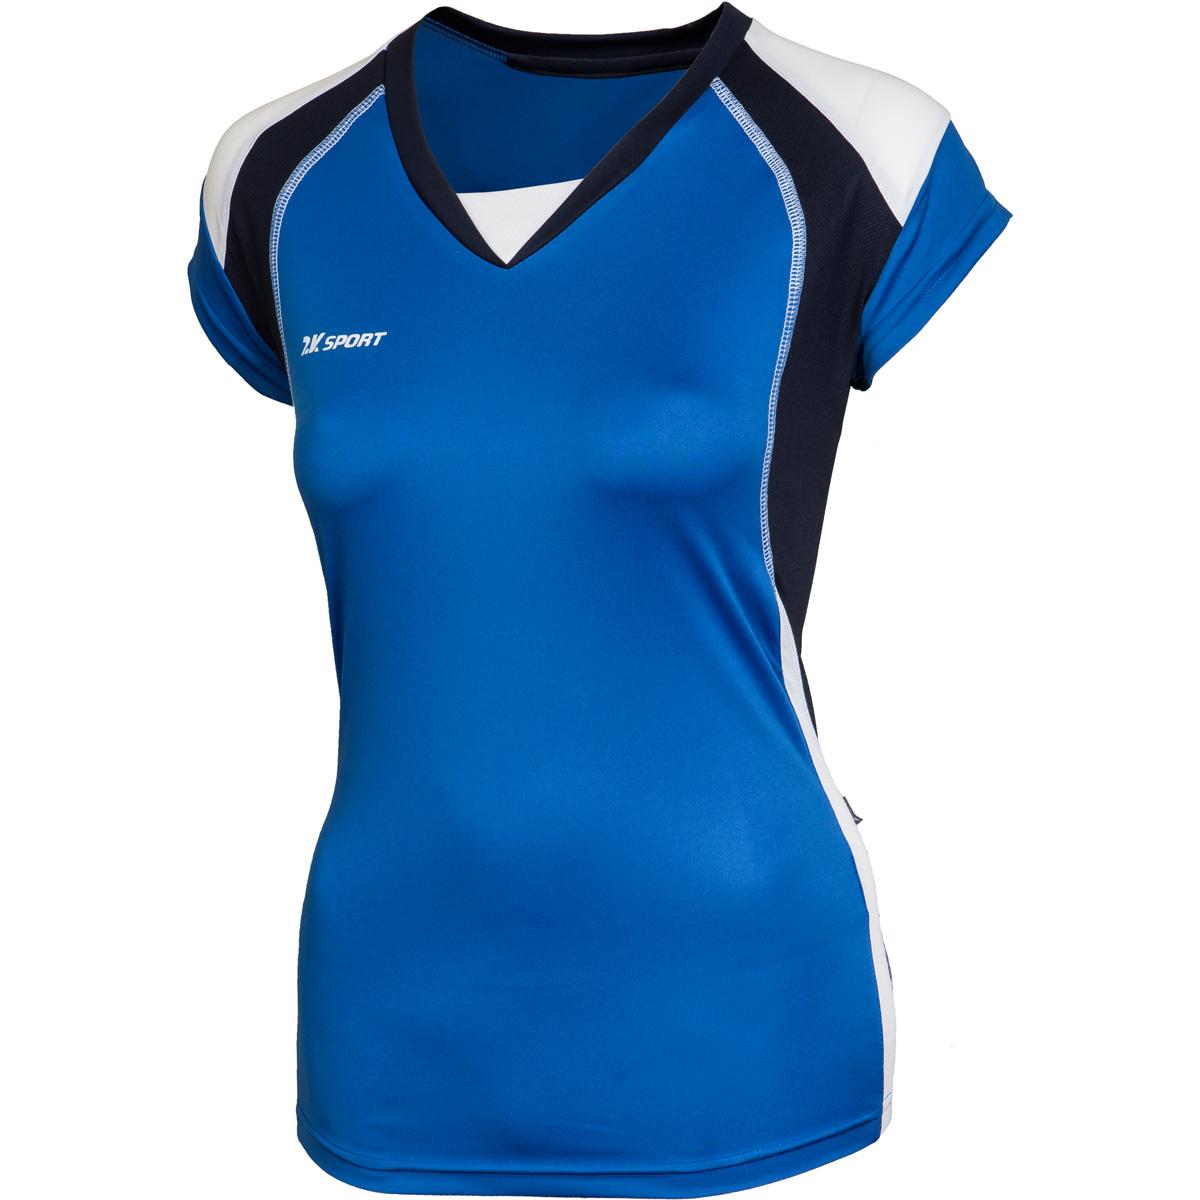 Футболка волейбольная женская 2K Sport Energy, цвет: синий, темно-синий, белый. 140042. Размер XXS (38/40)140042_royal/navy/whiteЖенская волейбольная форма Energy подкупает своей простотой и изящностью. Футболка без рукавов из ткани повышенной прочности отделана контрастными вставками по бокам и небольшим заниженным воротником. Идеальный выбор как для профессионалов, так и для любителей. Плотность ткани: 140 г/м.кв.